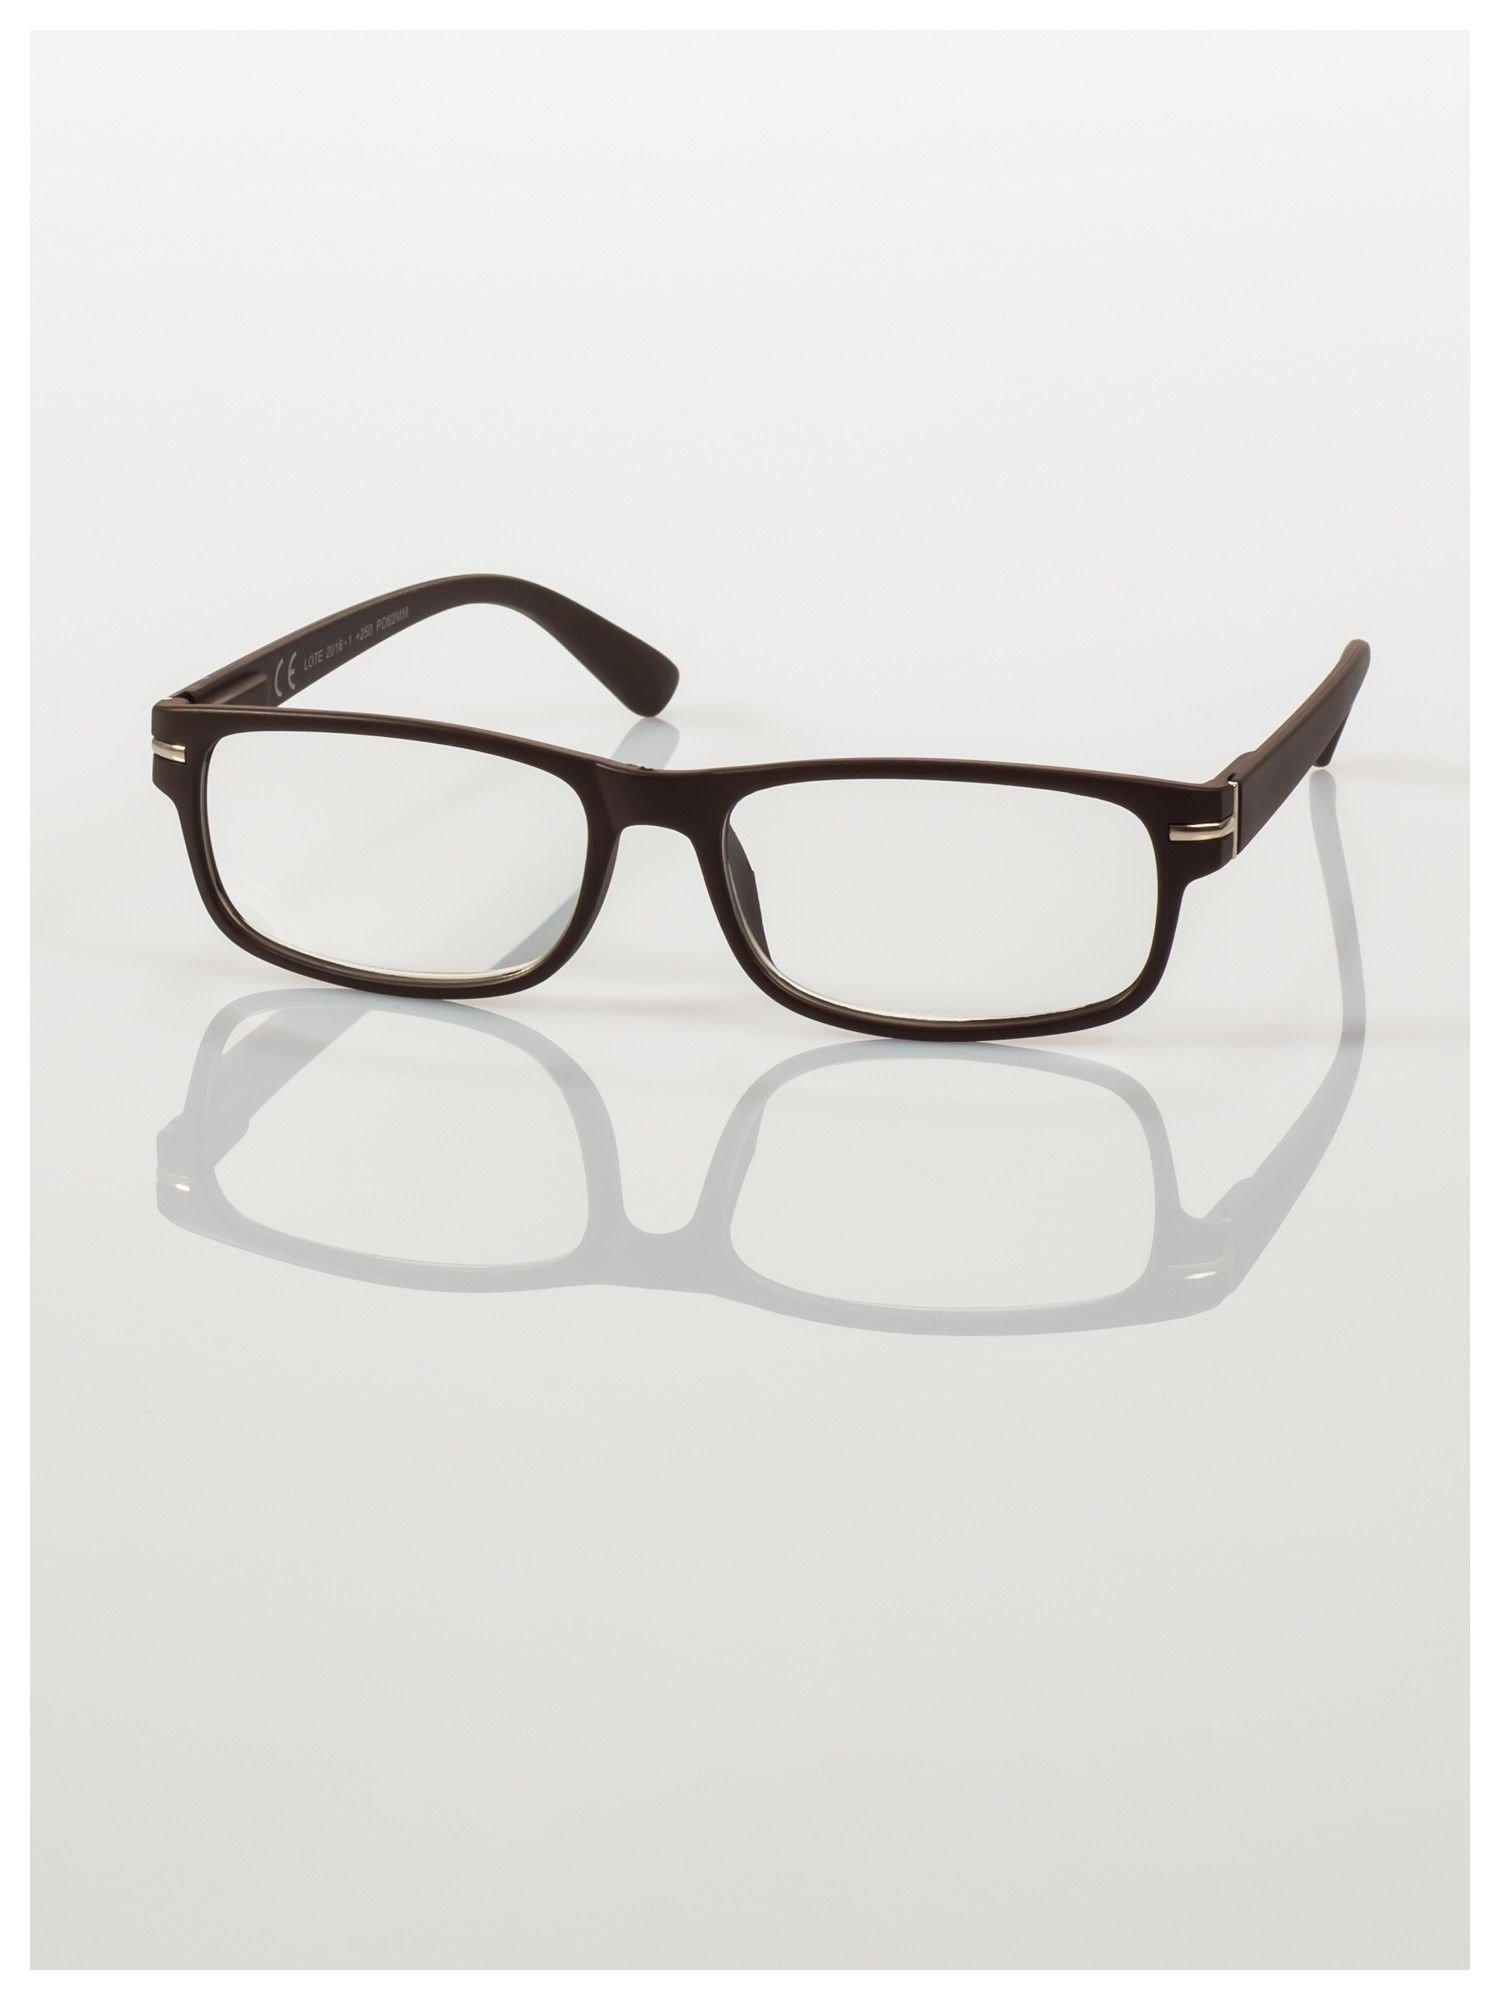 Eleganckie brązowe matowe korekcyjne okulary do czytania +1.5 D  z sytemem FLEX na zausznikach                                  zdj.                                  2